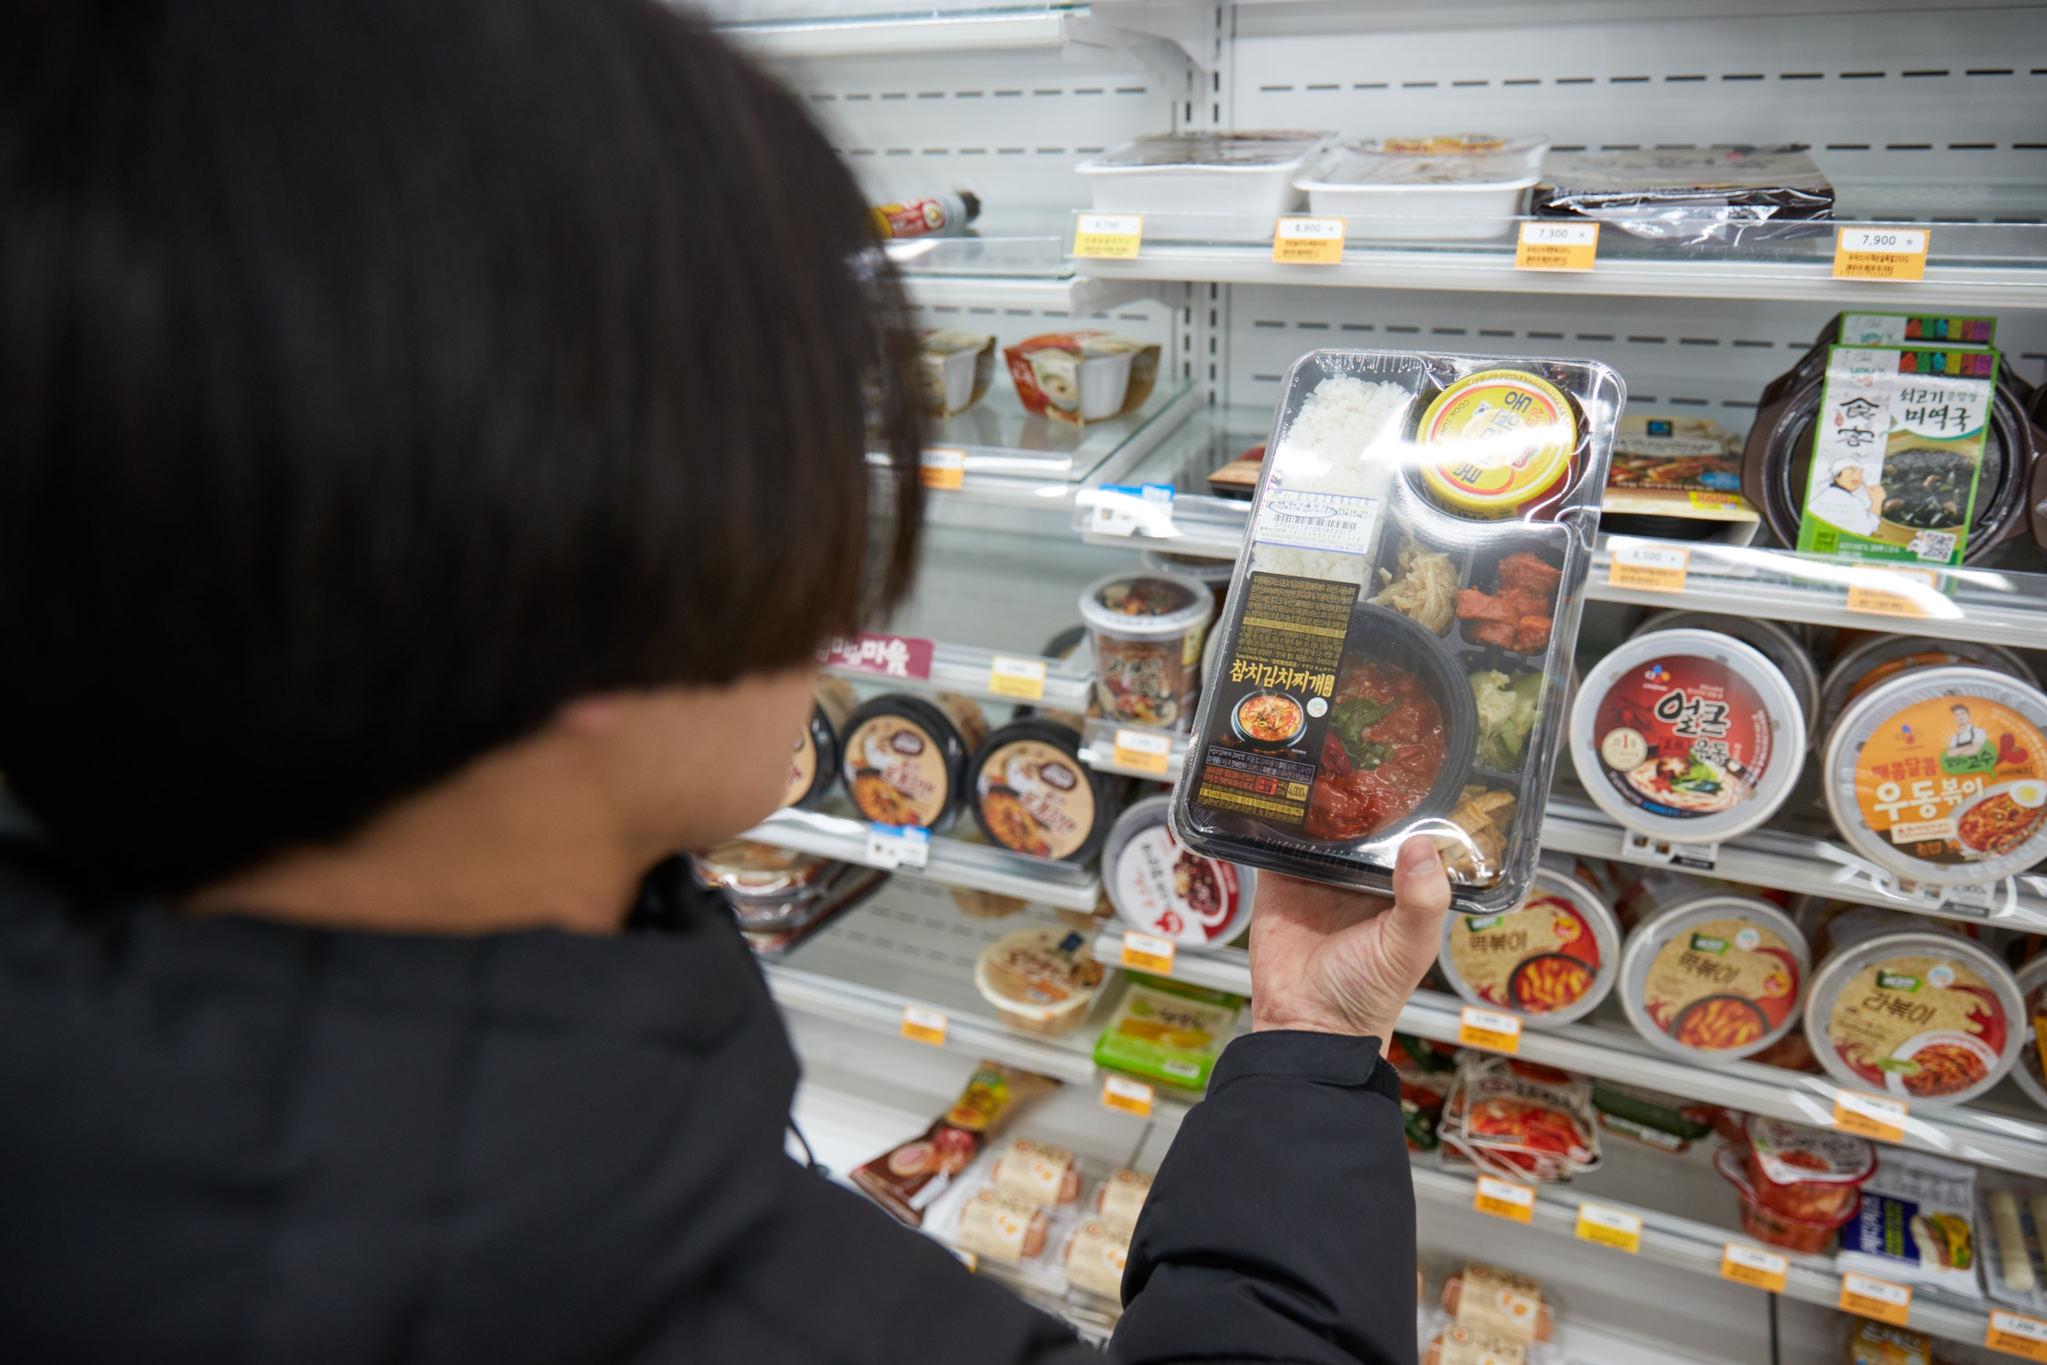 편의점 진열대에서 도시락을 꺼내 보고 있는 한 남성. 영양성분 표시가 의무화되면 제품을 구매하기 전에 영양소가 어떻게 되는지 확인할 수 있다. [중앙포토]